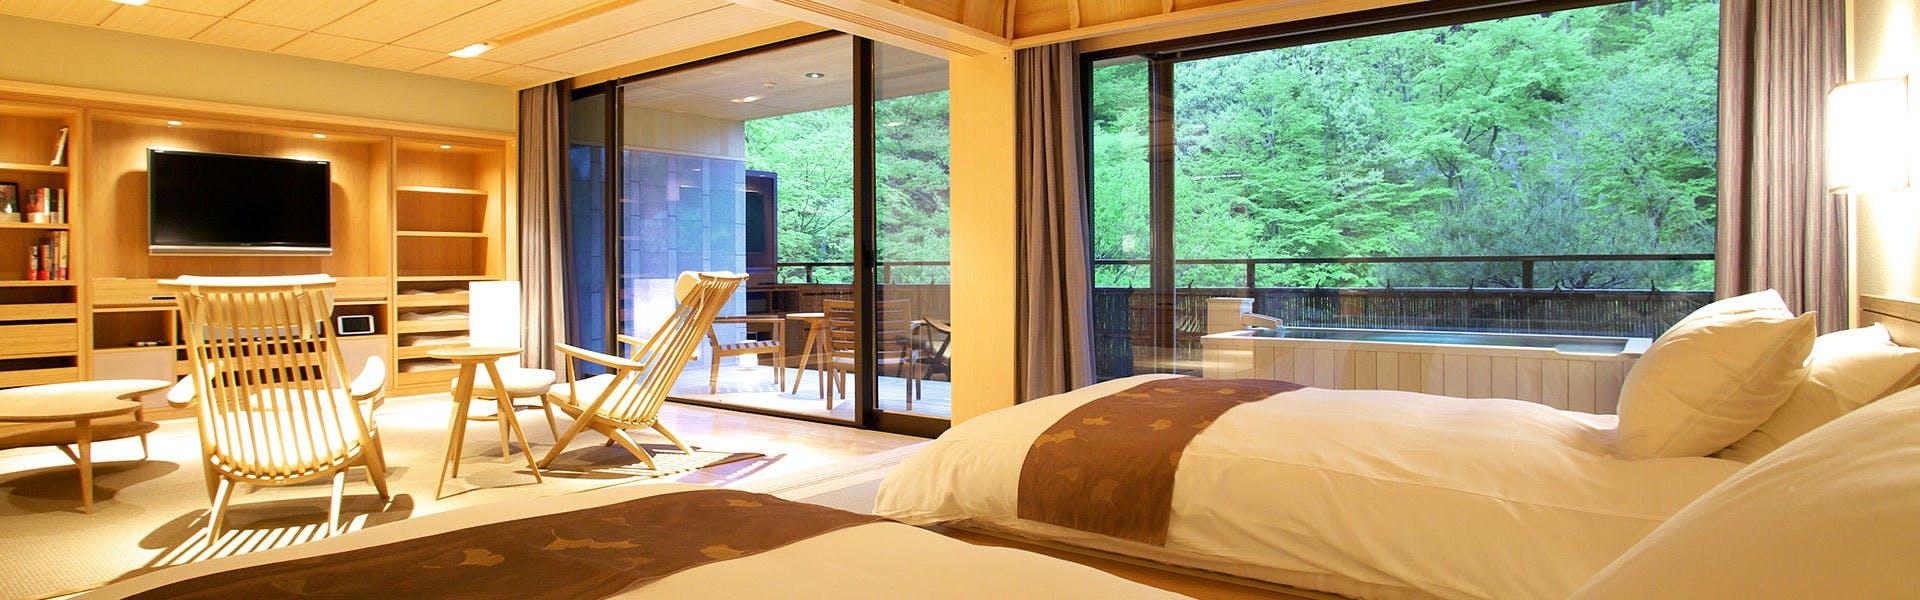 記念日におすすめのホテル・奥伊香保 旅邸 諧暢楼(かいちょうろう)の写真1